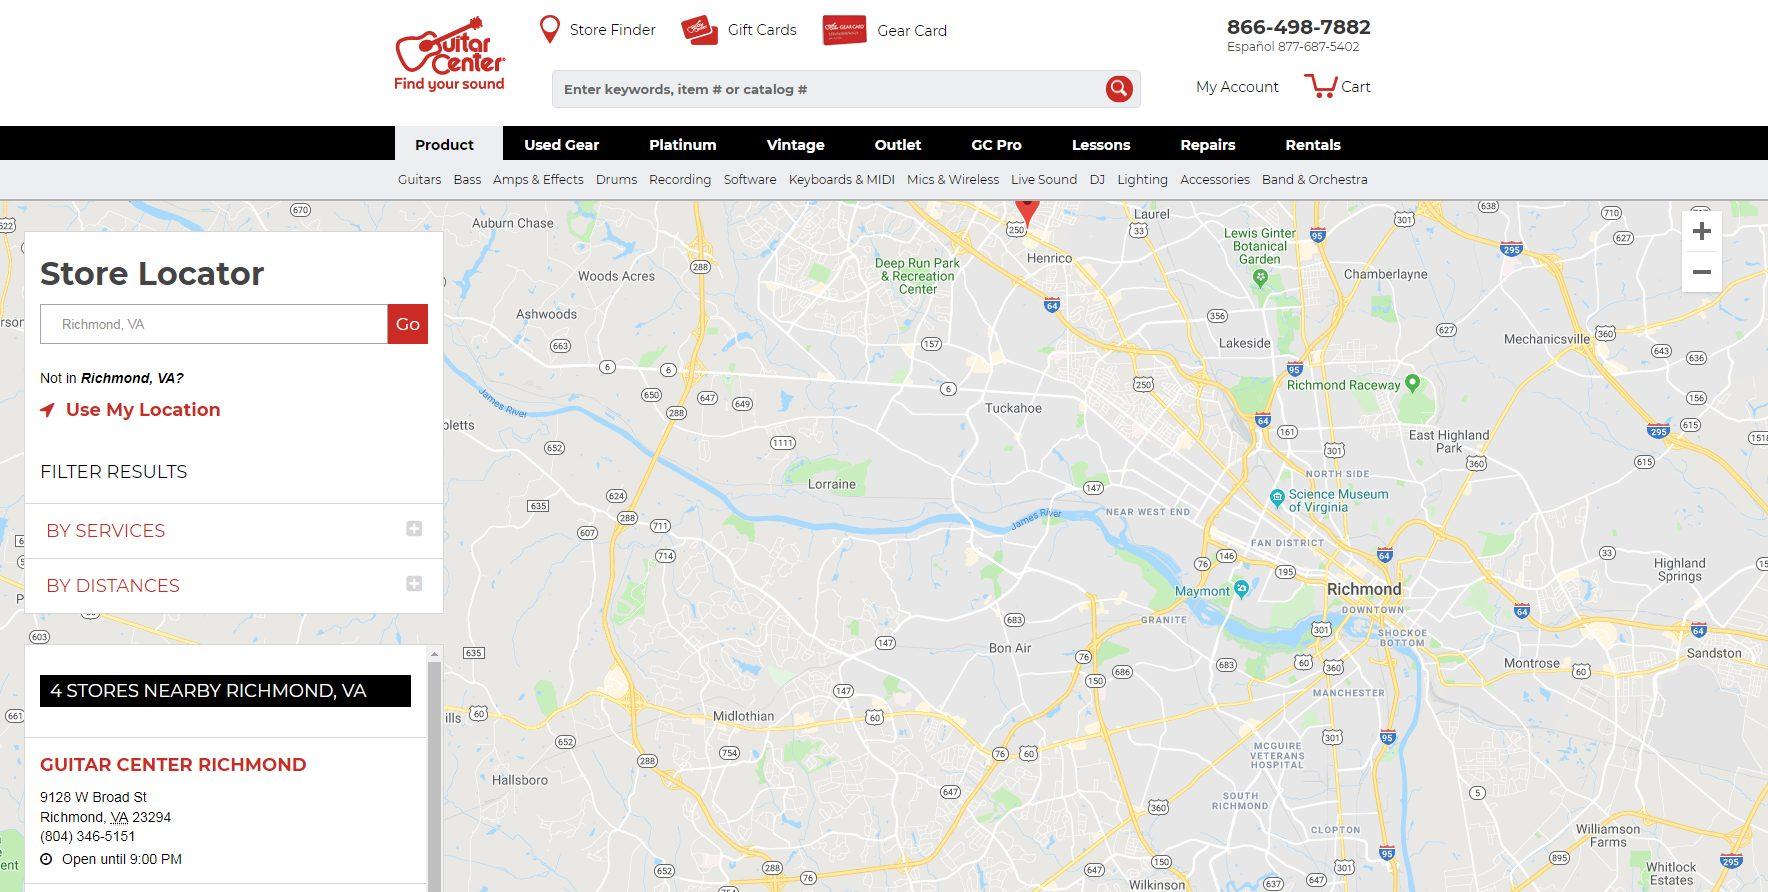 Guitar Center Store Locator